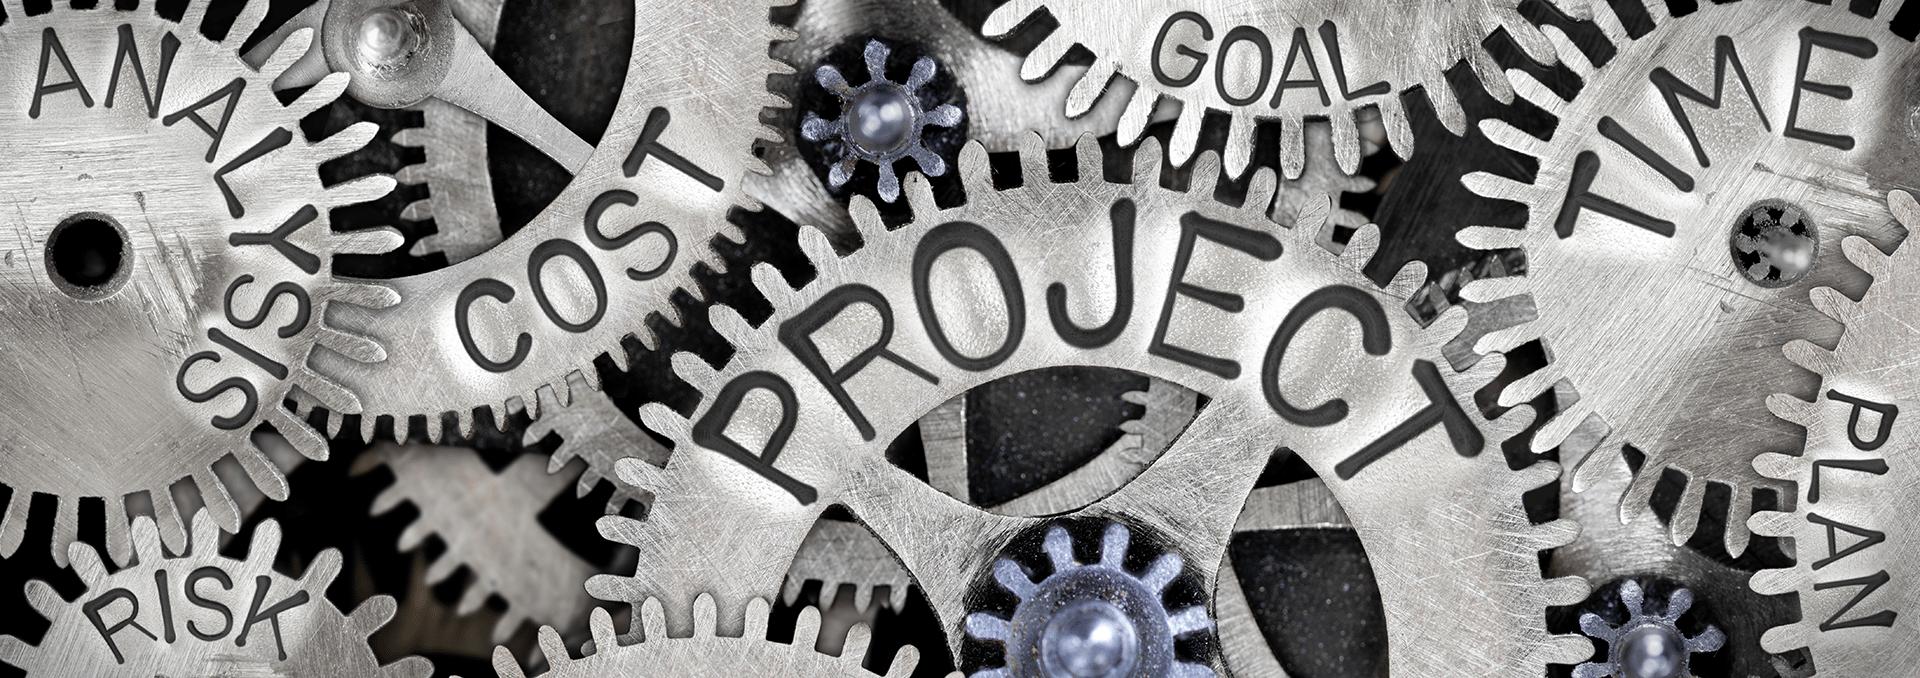 Projekt-Management